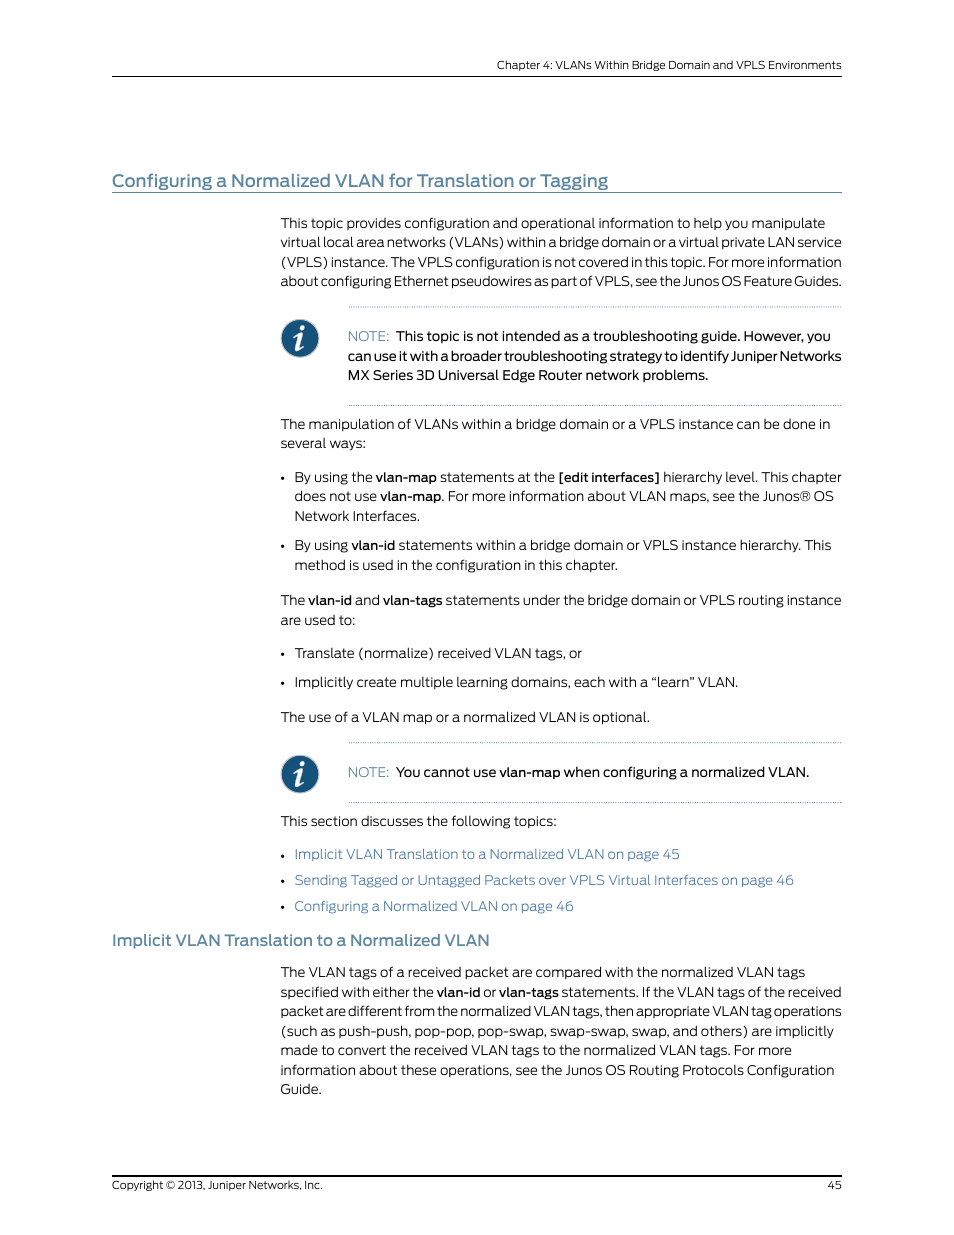 Implicit vlan translation to a normalized vlan | Juniper Networks